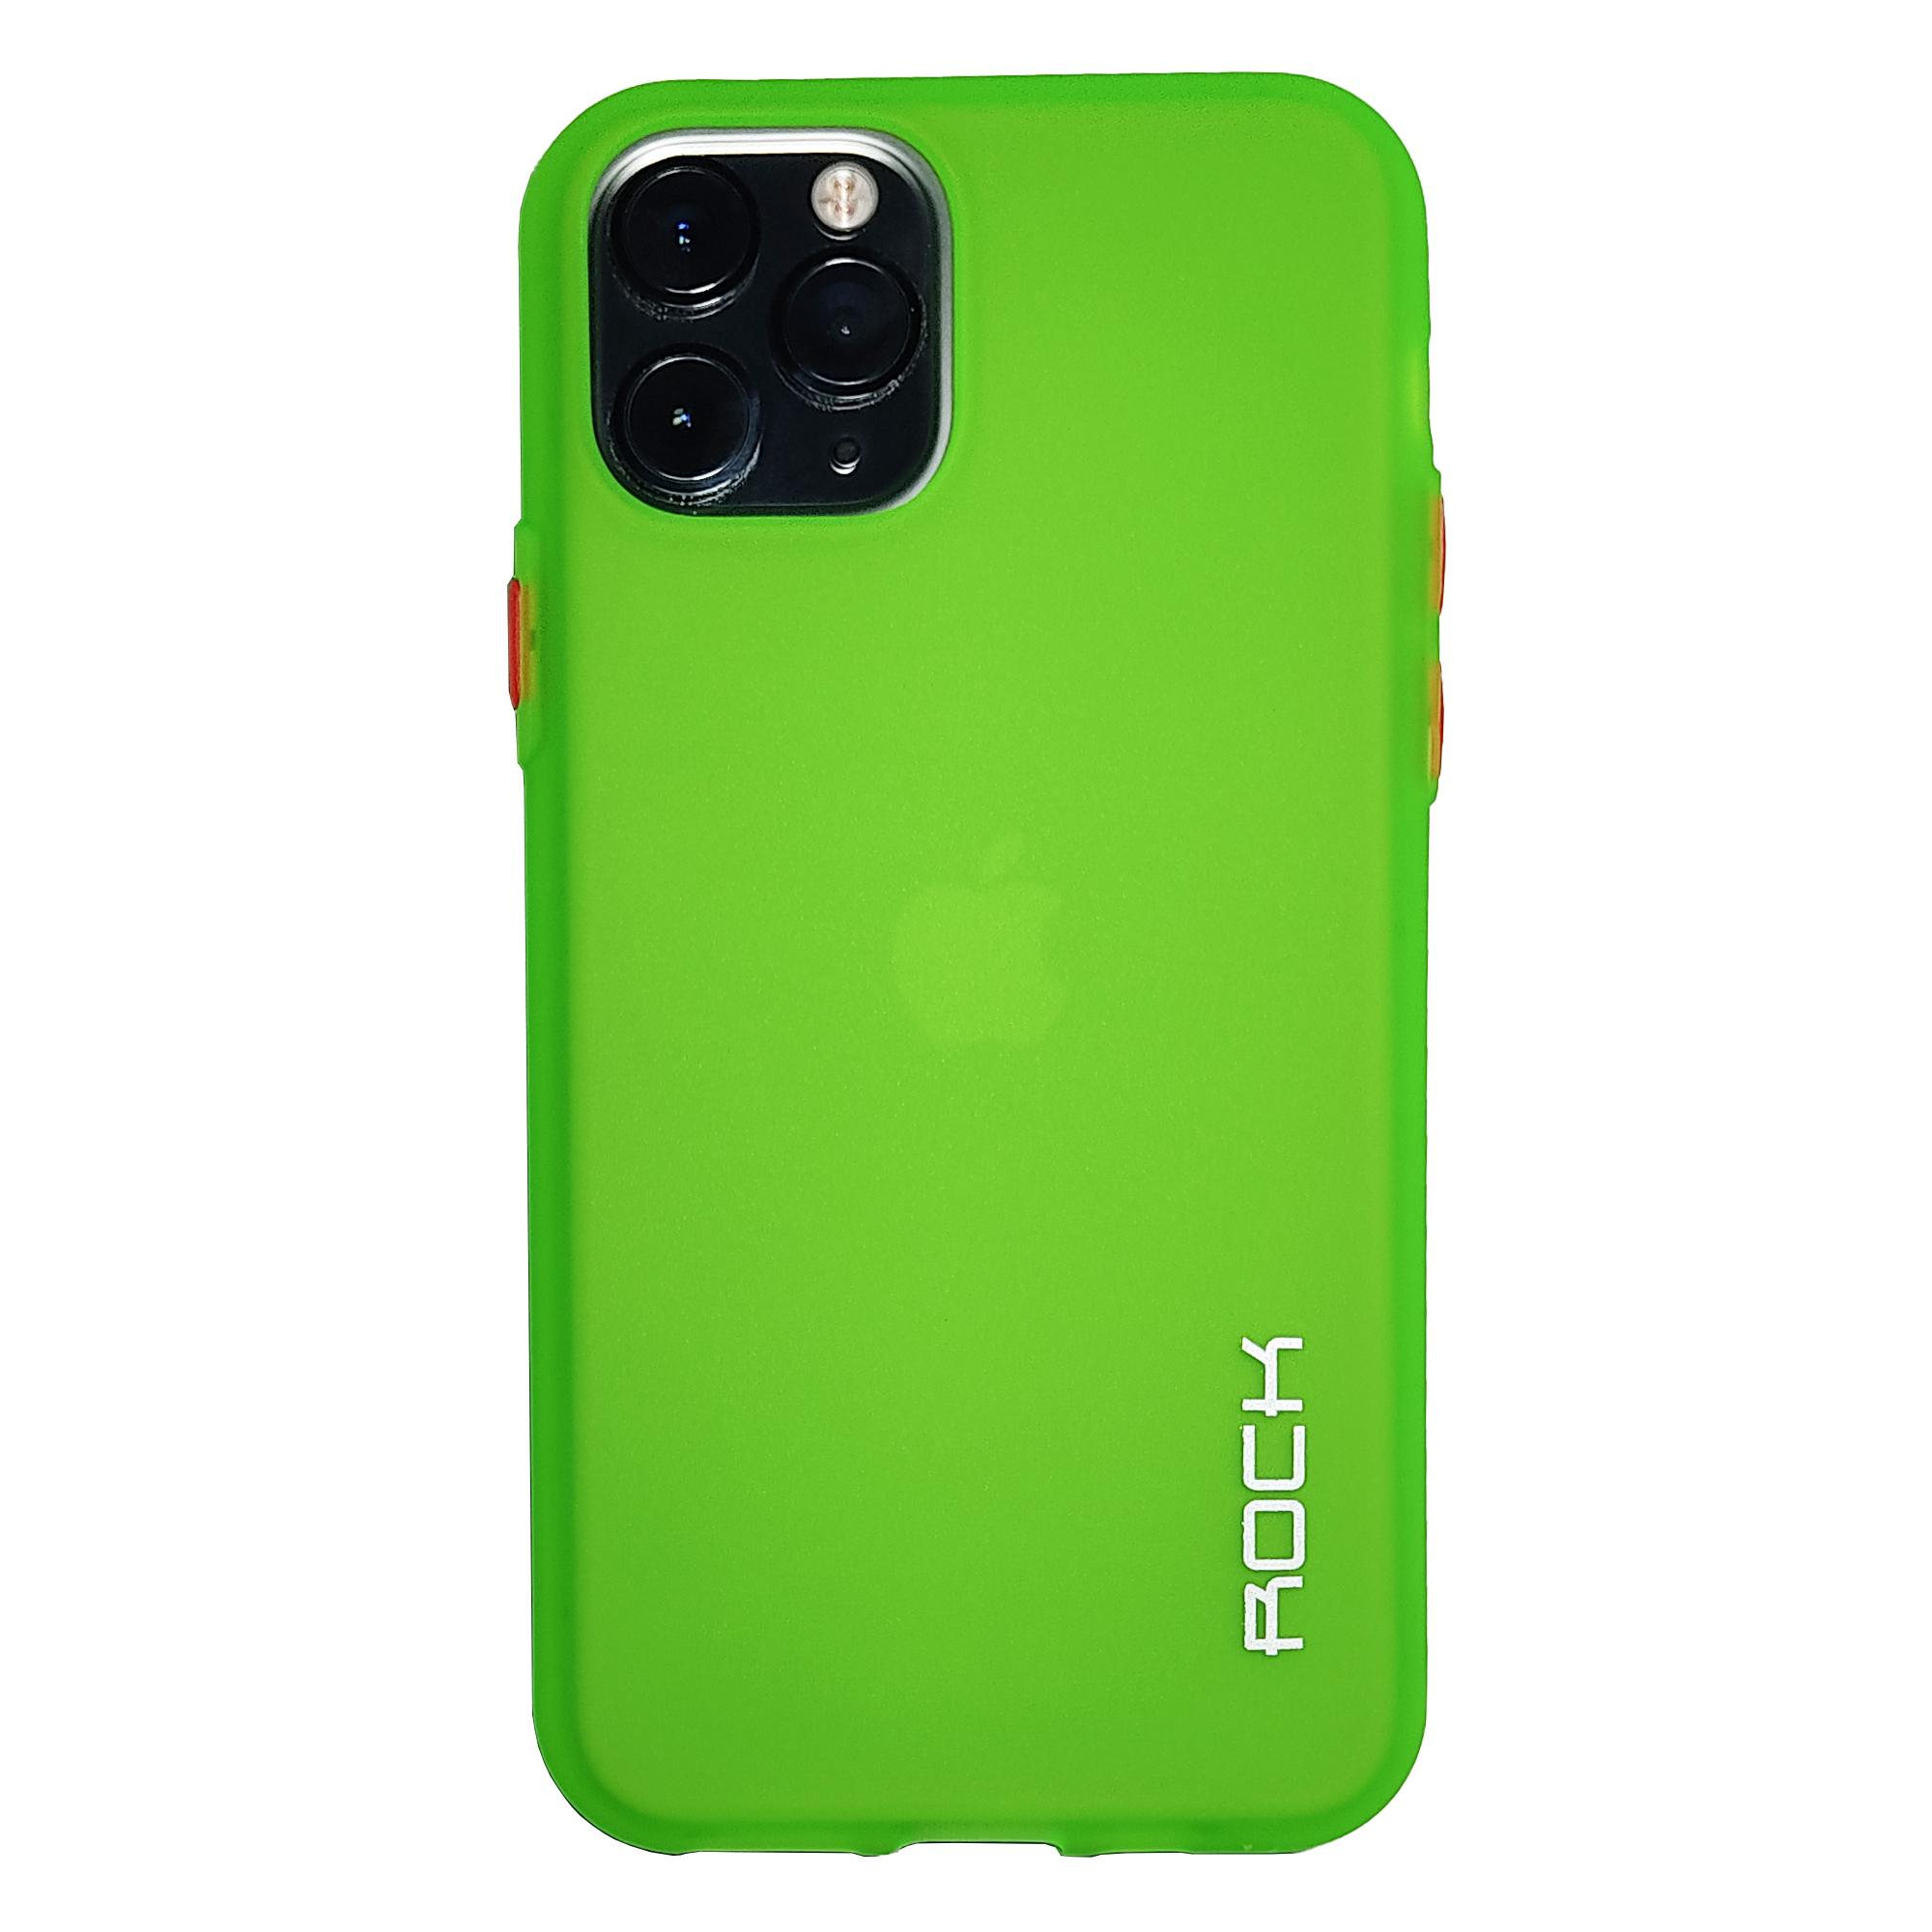 کاور راک مدل SPRT01 مناسب برای گوشی موبایل اپل iPhone 11 Pro thumb 2 10